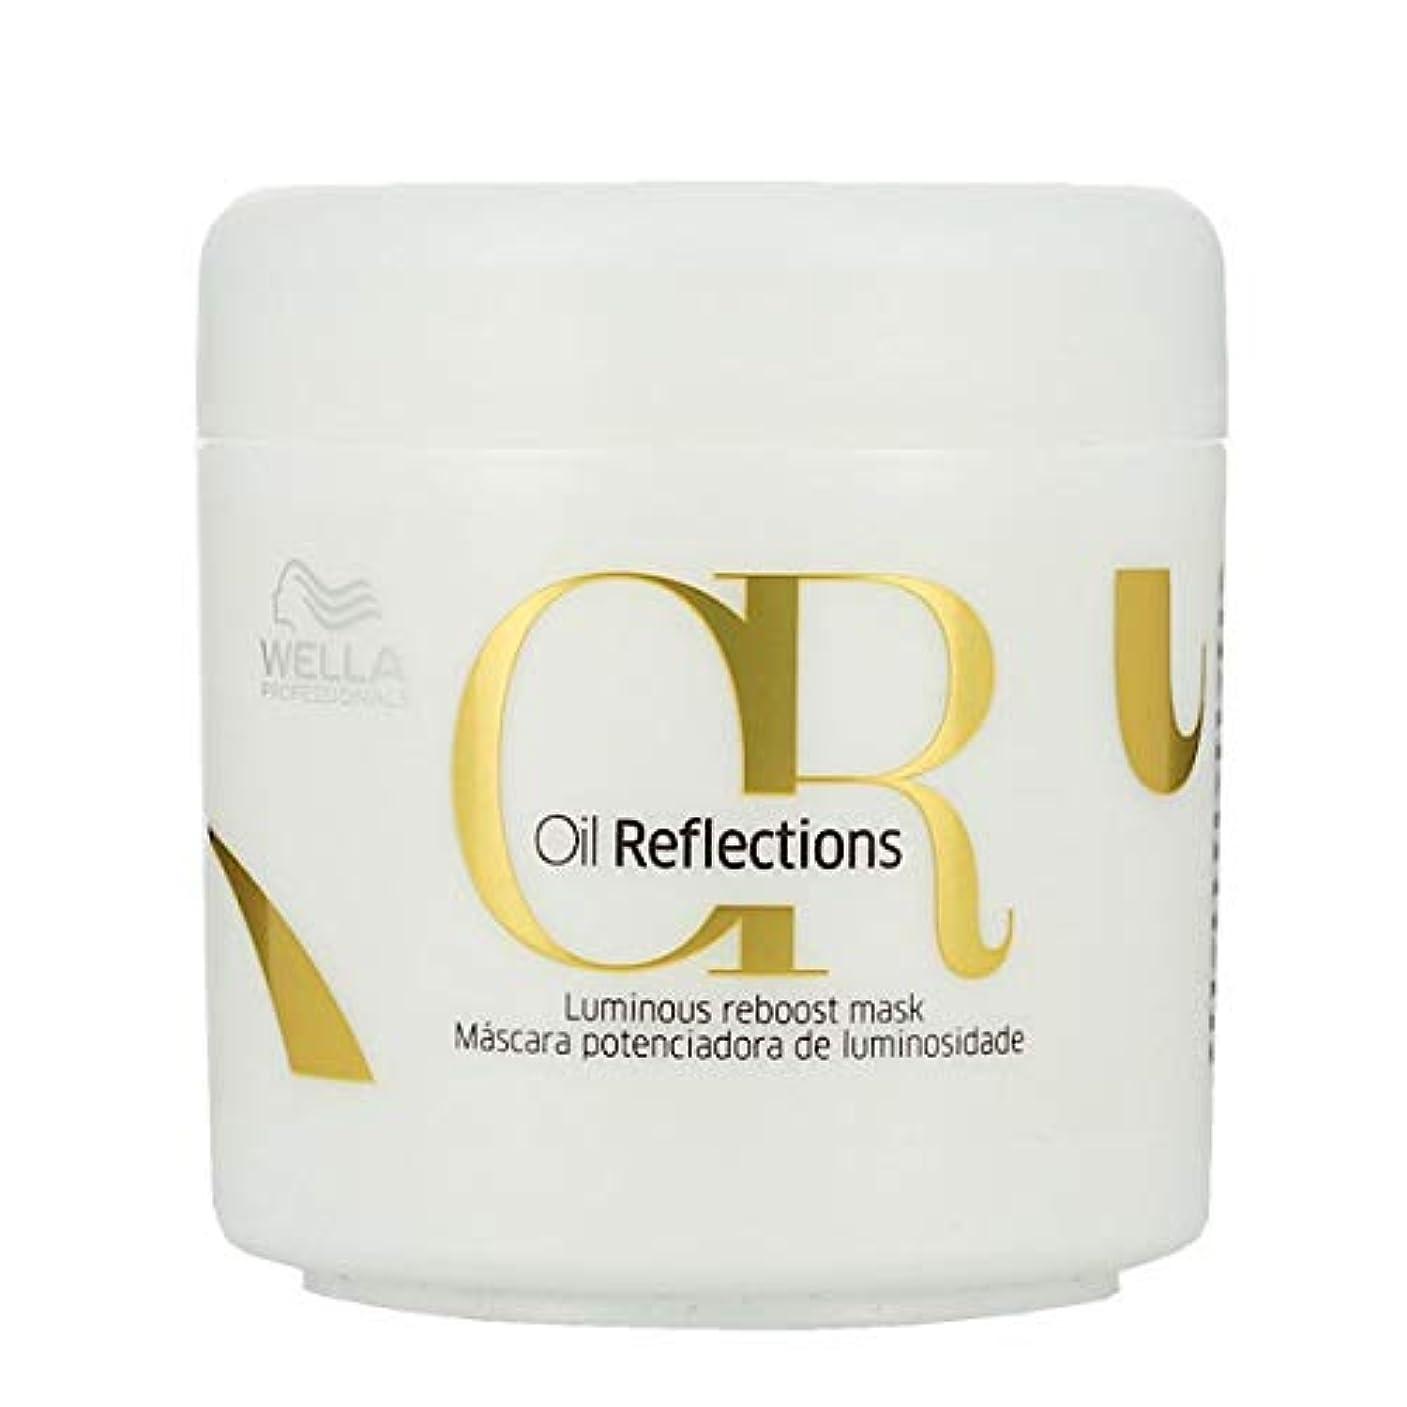 件名アンプアレンジWella Professionals Oil Reflections Luminous Reboost Mask ウエラ オイルリフレクション マスク 150 ml [並行輸入品]